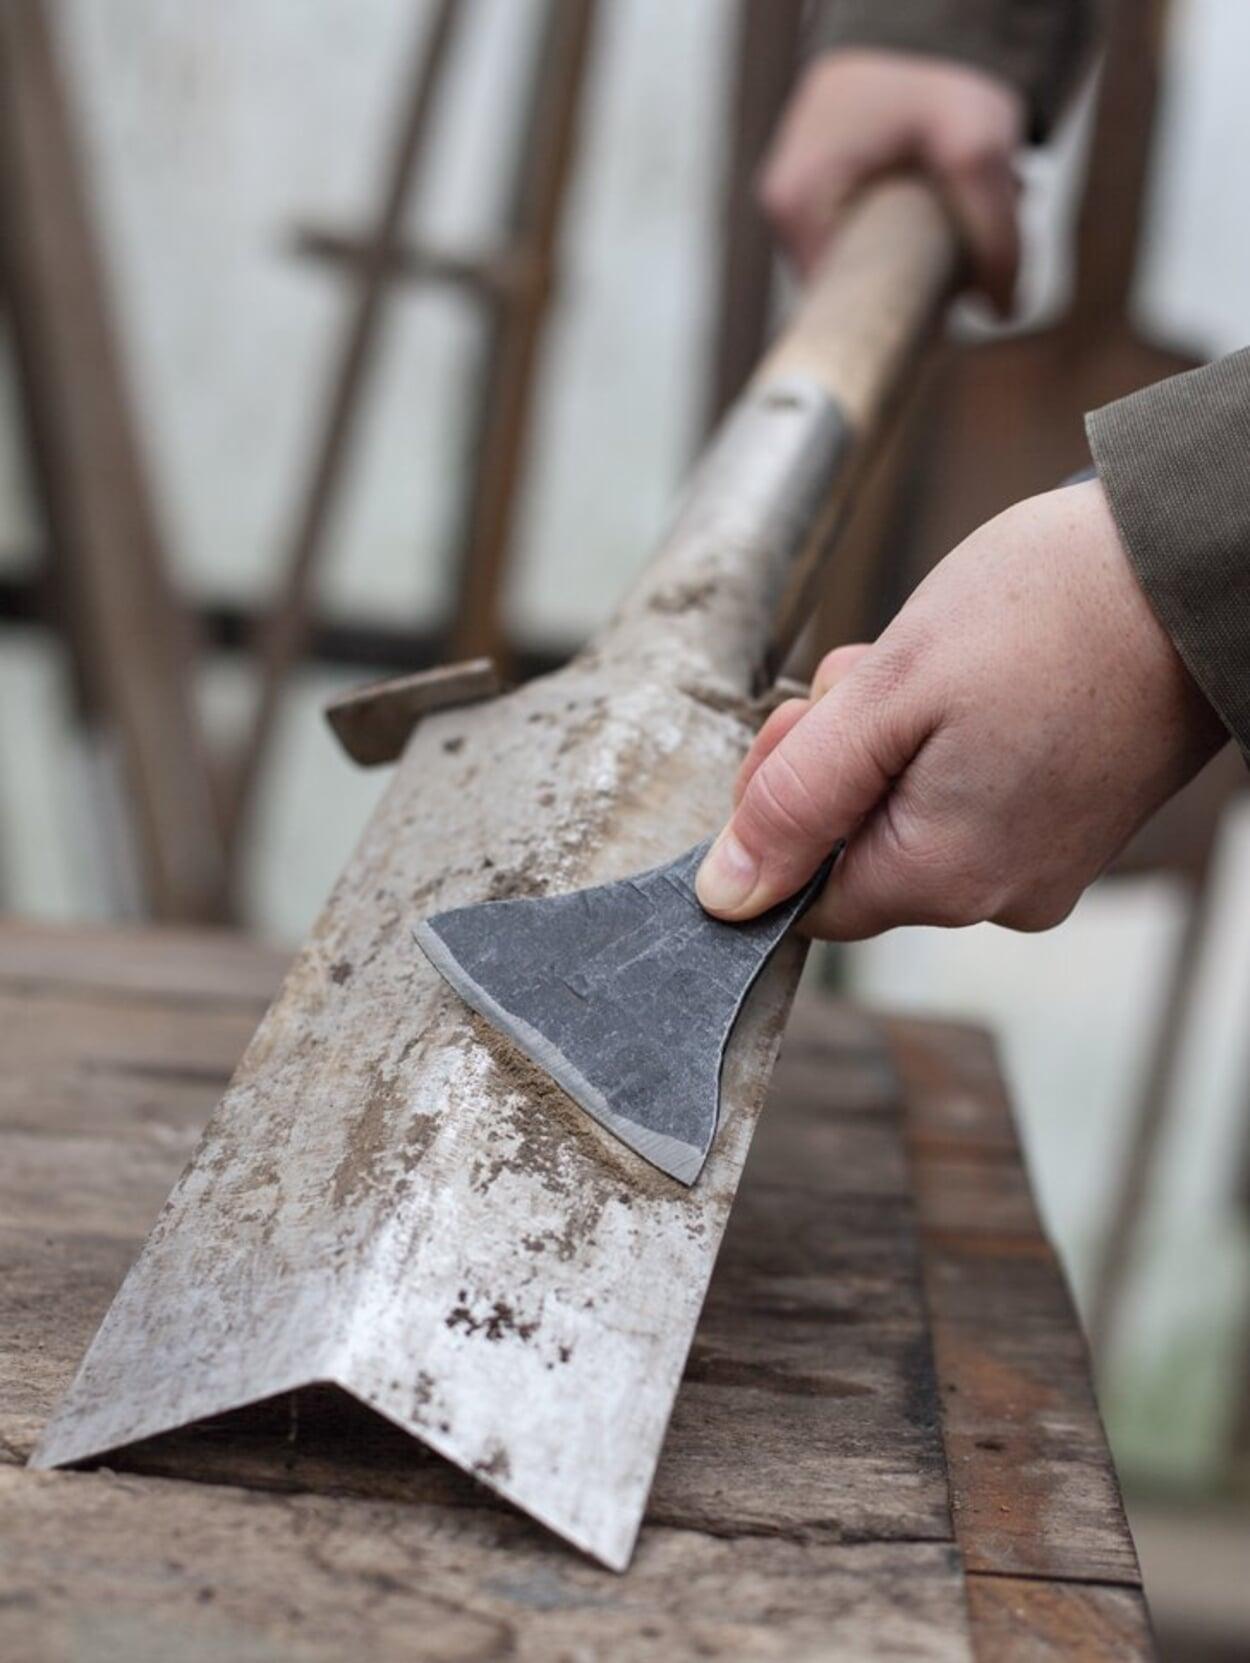 Werkzeug reinigen und pflegen